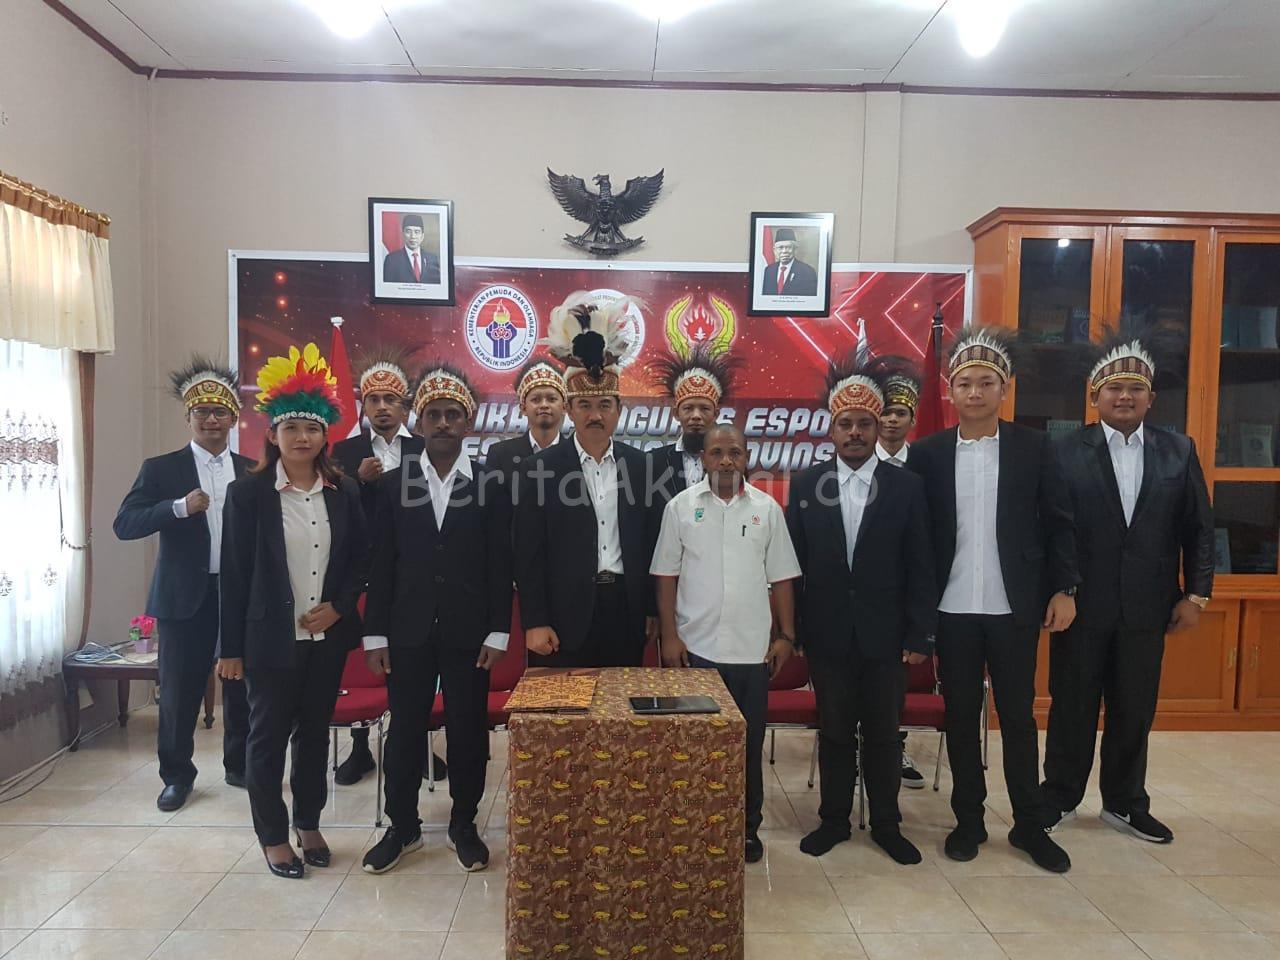 Pertama di Indonesia, Pengurus Esport Papua Barat Dilantik Serentak Secara Virtual 17 IMG 20200316 WA0033